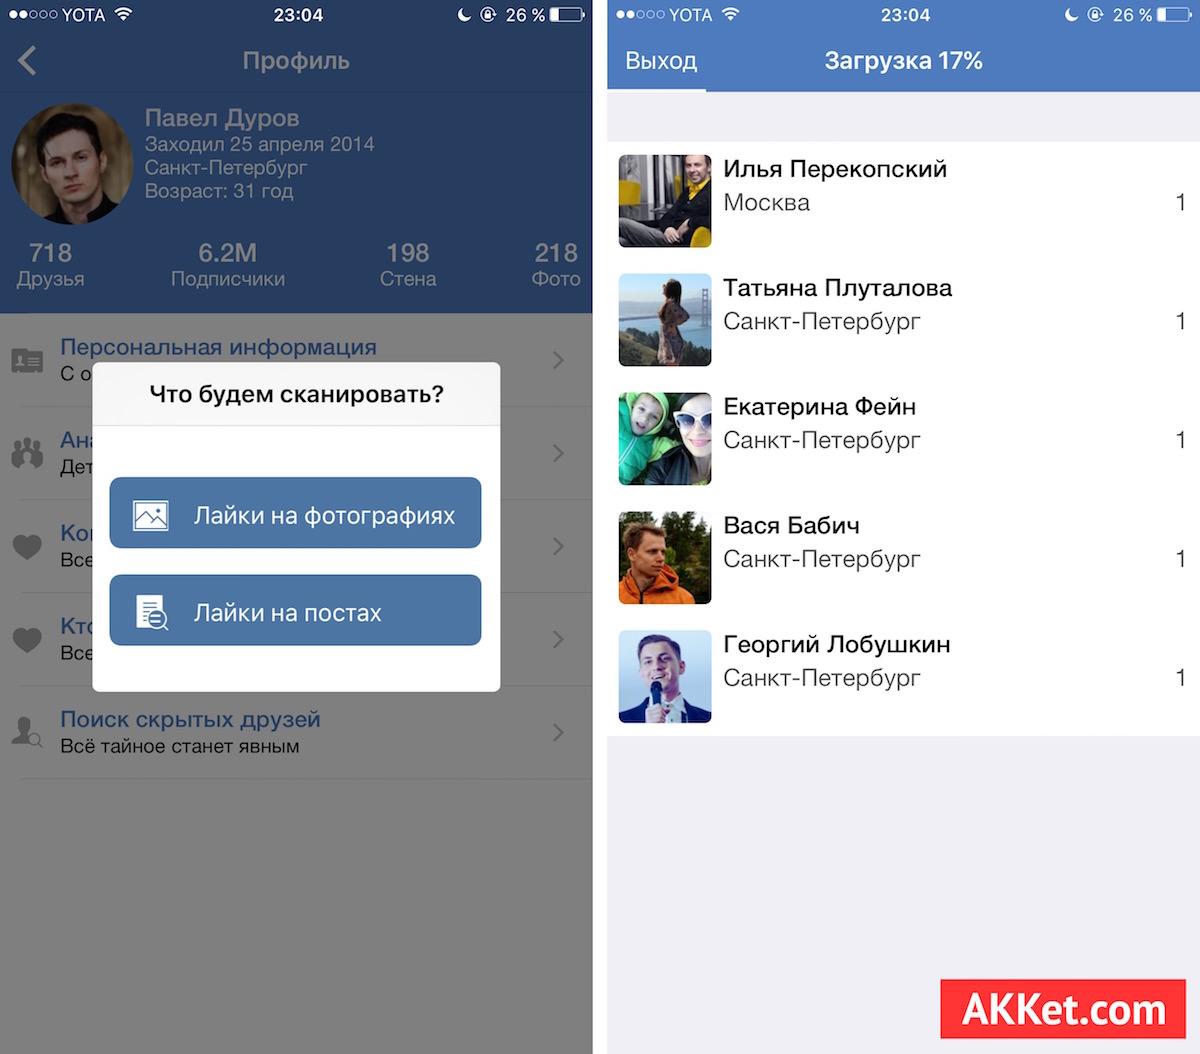 шпион для вк вконтакте iOS iPhone iPad App Store VK Vkontakte